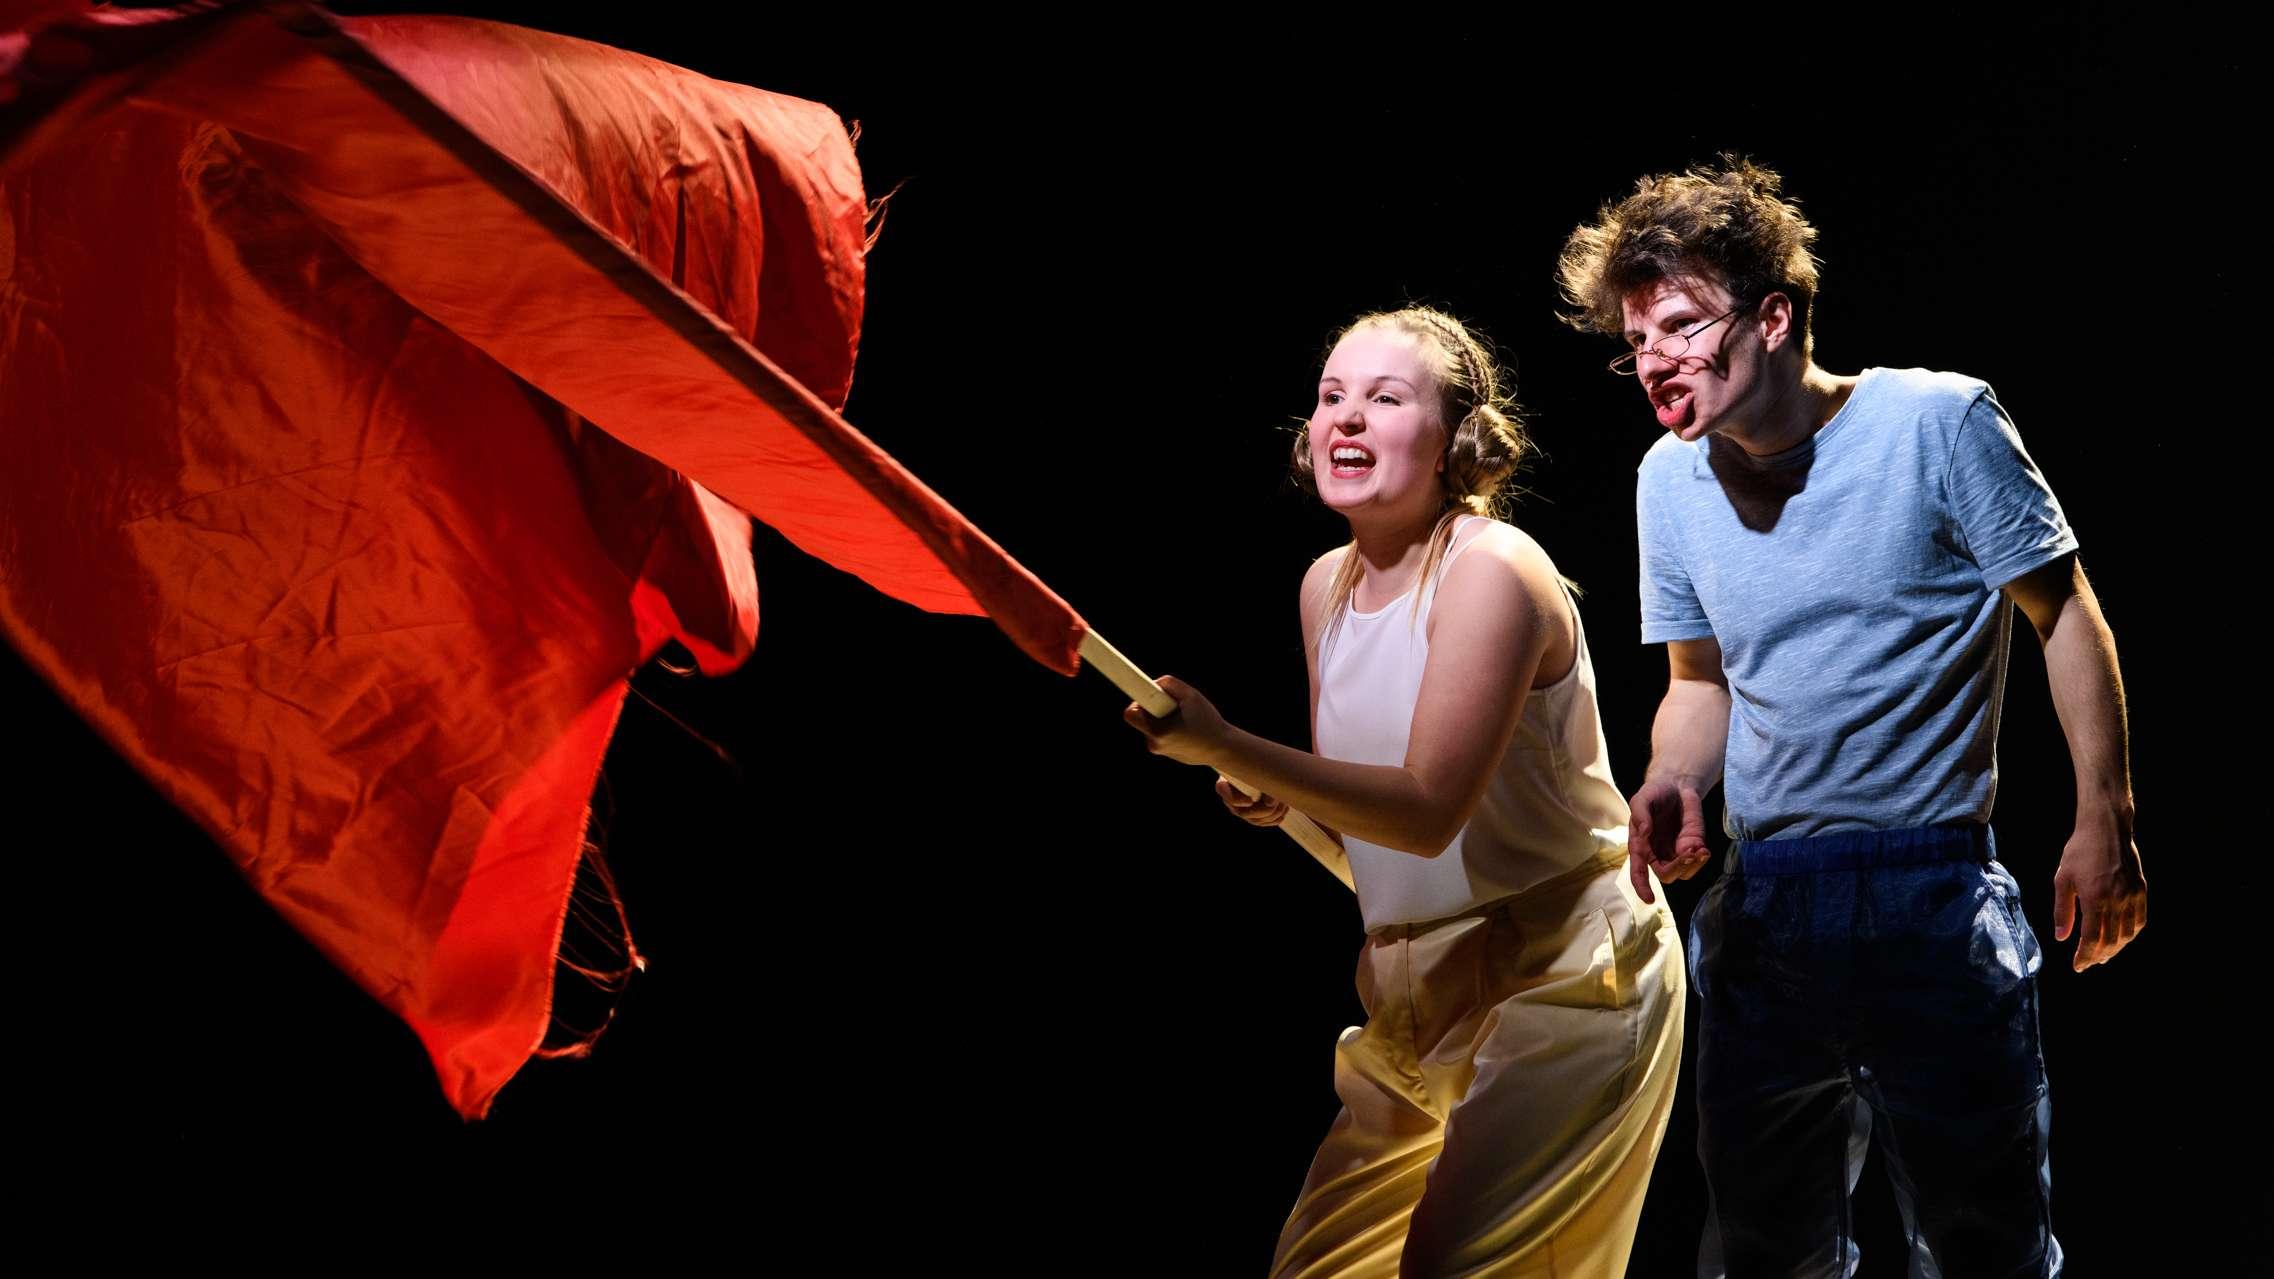 Zwei Schauspieler auf der Bühne, die Frau schwingt eine rote Fahne.